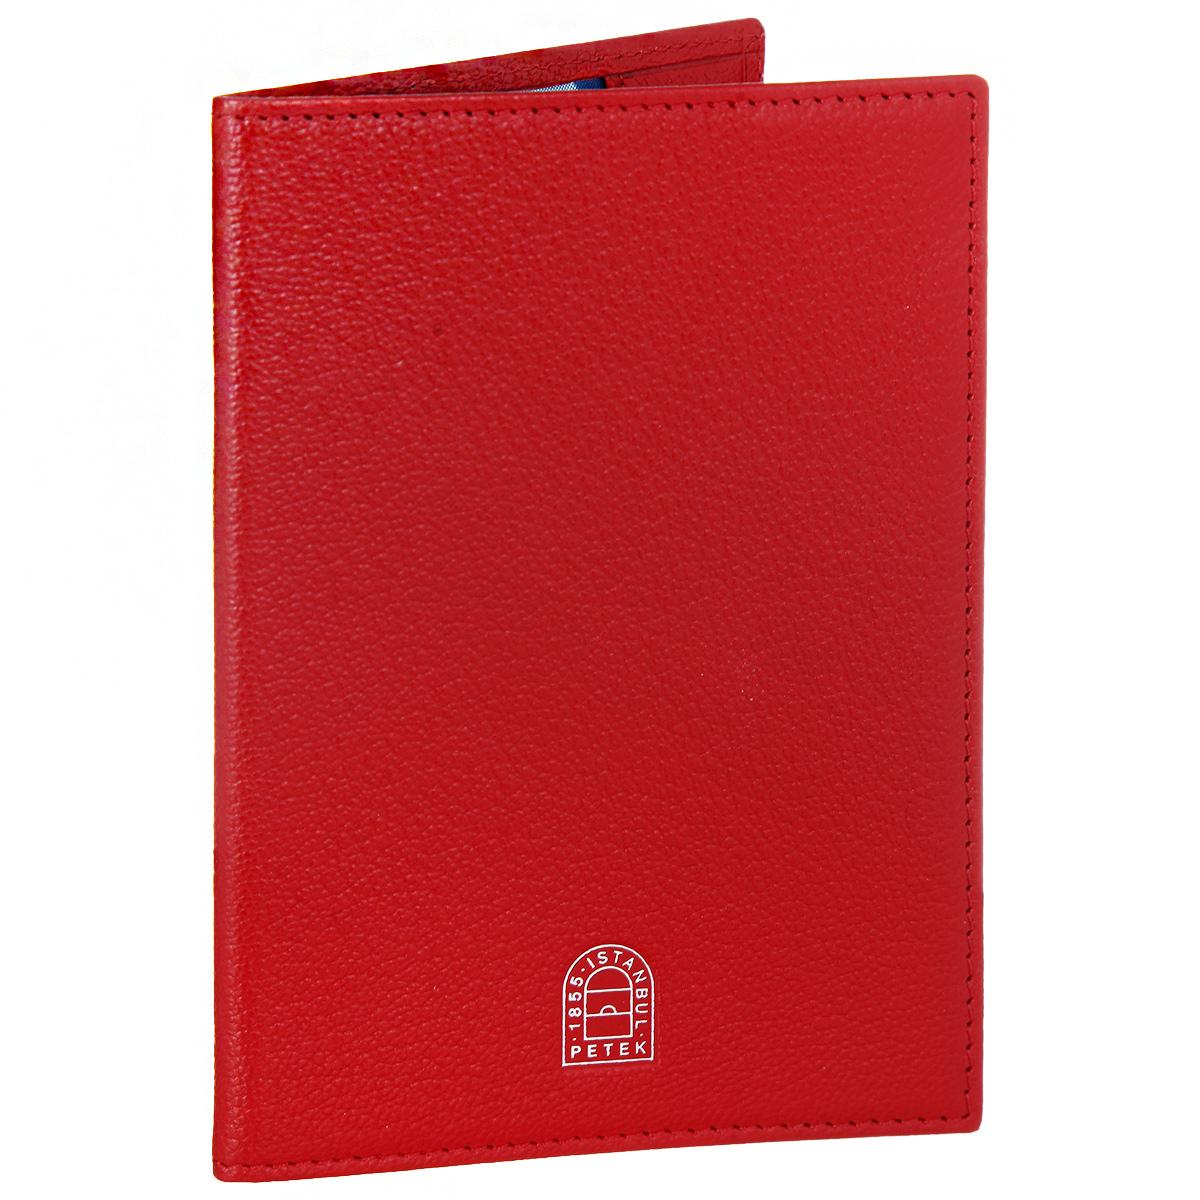 Обложка для паспорта Petek 1855, цвет: красный. S15019.ALS.10 RedS15019.ALS.10 RedСтильная обложка для паспорта Petek 1855 выполнена из натуральной кожи контрастных оттенков с зернистой текстурой. Обложка оформлена декоративной строчкой и тиснением с названием бренда. На оборотной стороне имеет карман для посадочного талона. Элегантная обложка Petek 1855 не только поможет сохранить внешний вид ваших документов и защитит их от повреждений, но и станет стильным аксессуаром, идеально подходящим вашему образу.